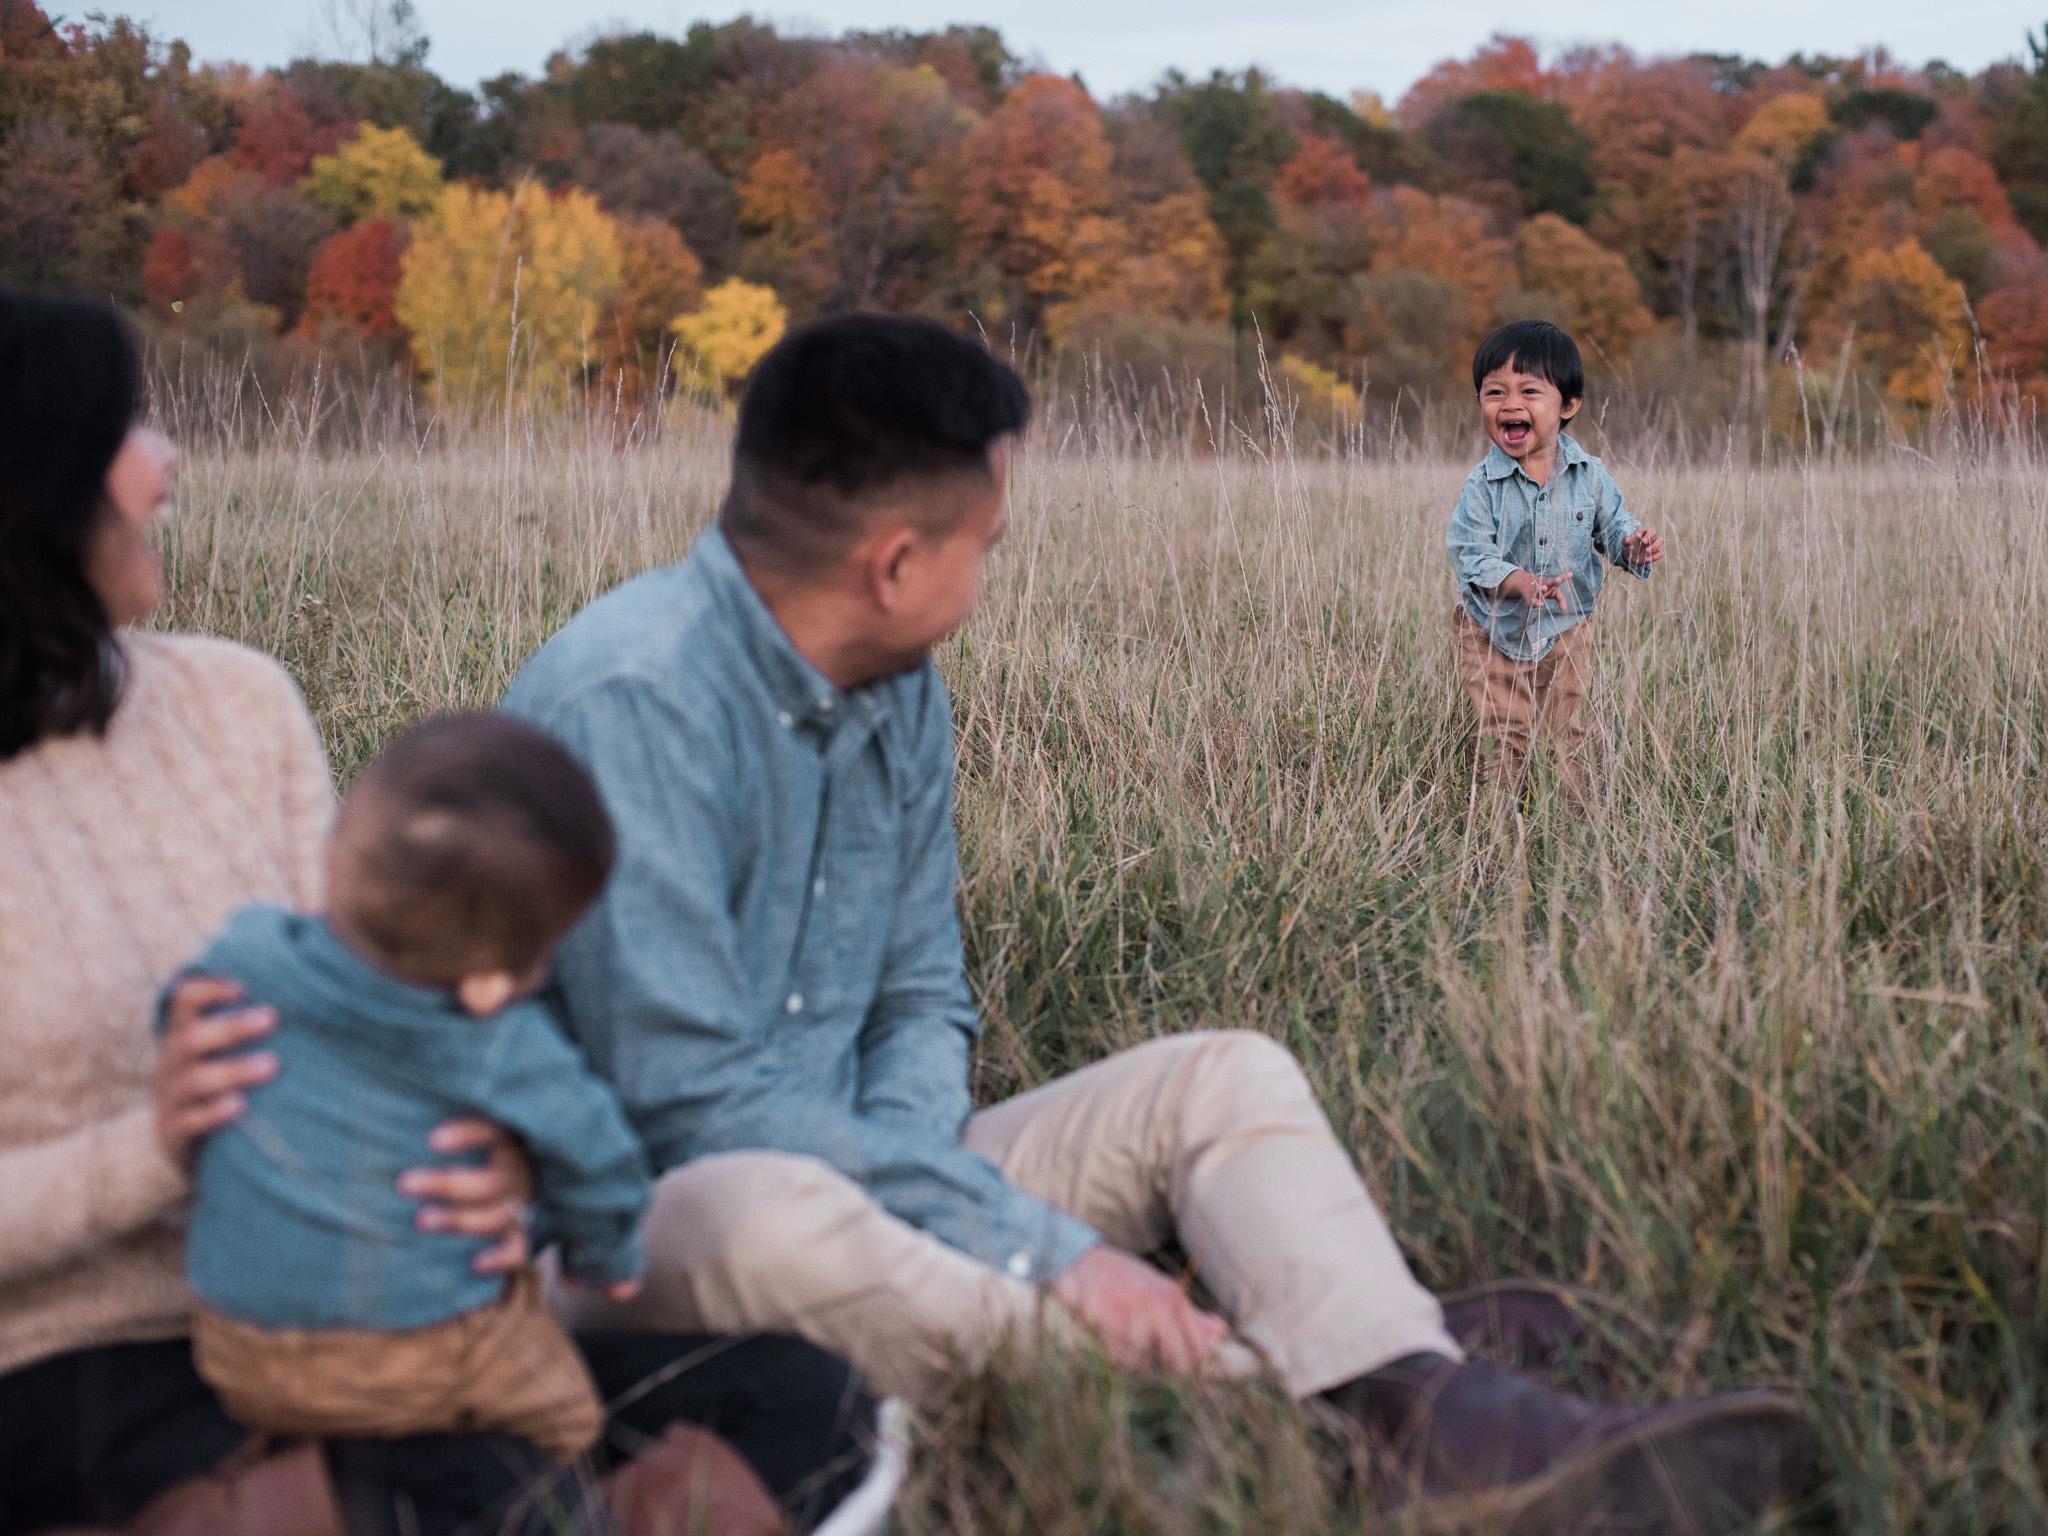 Toronto Lifestyle Family Photographer